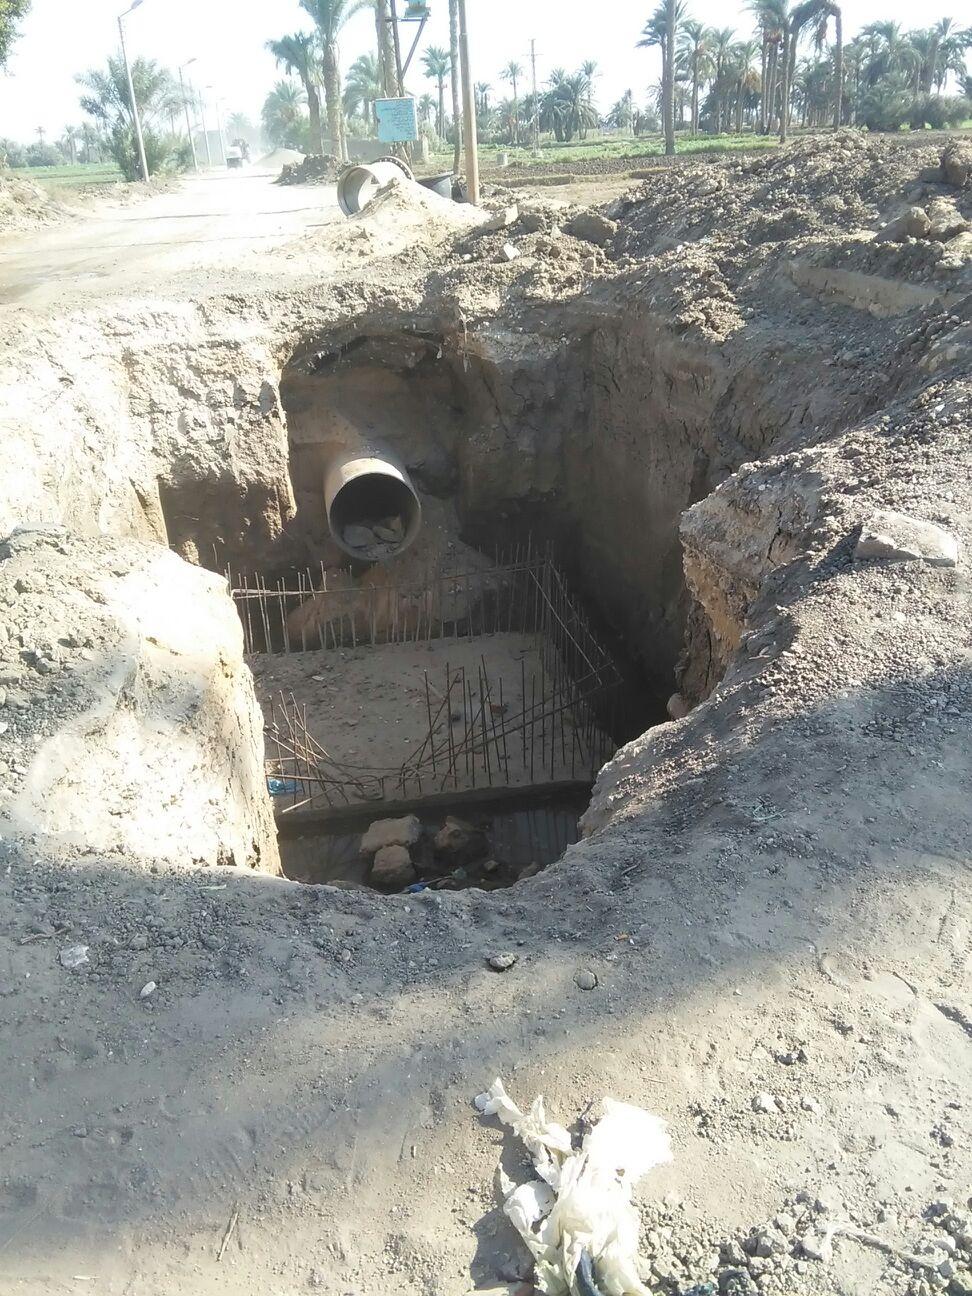 حفرة كبيرة بإحدى قرى الفيوم تتسبب في مصرع شخص وإصابة 2